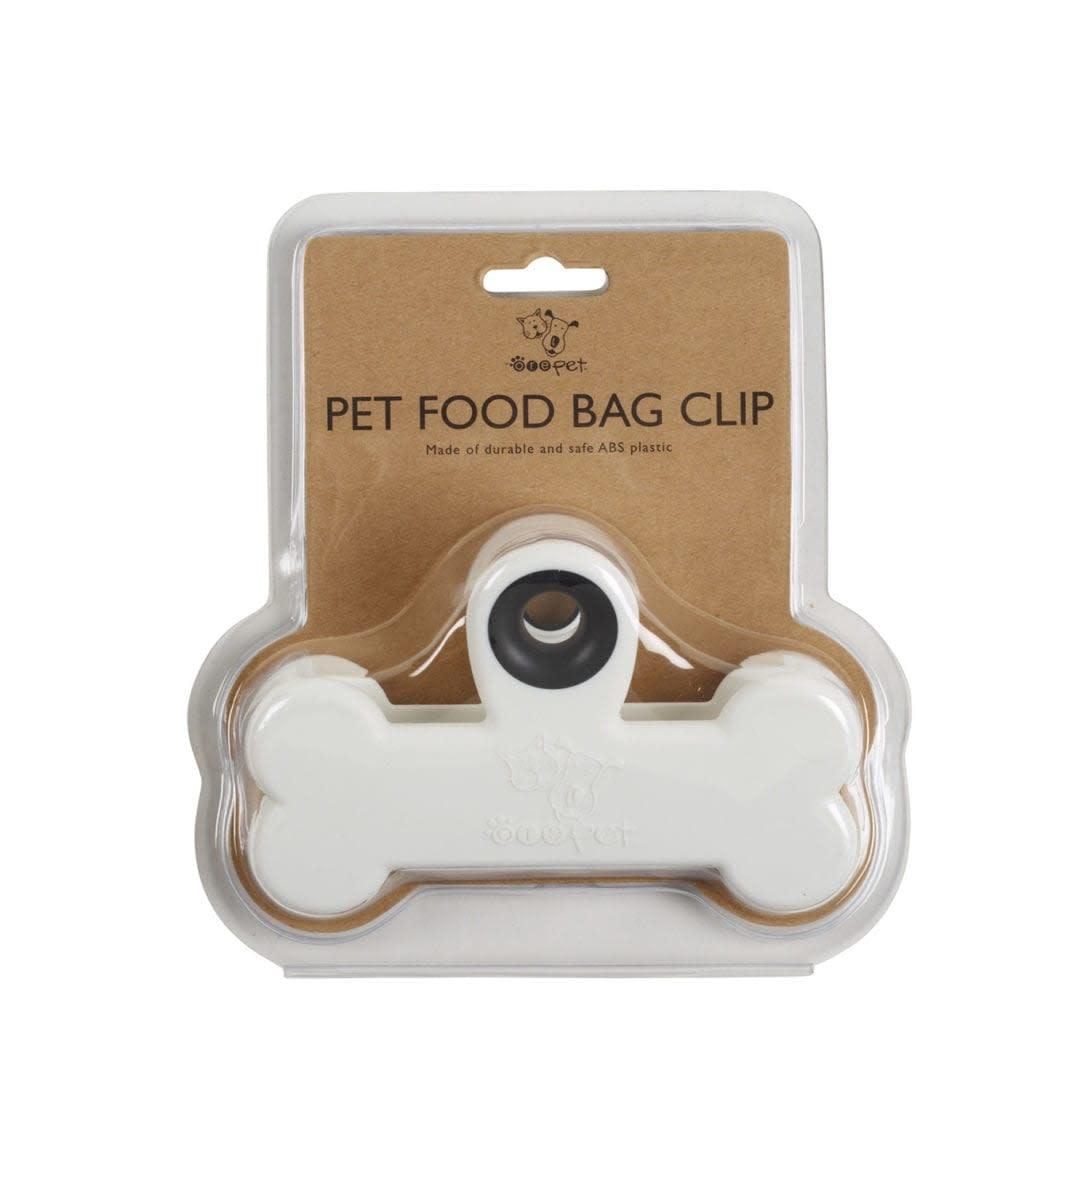 Pet Food Bag Clip